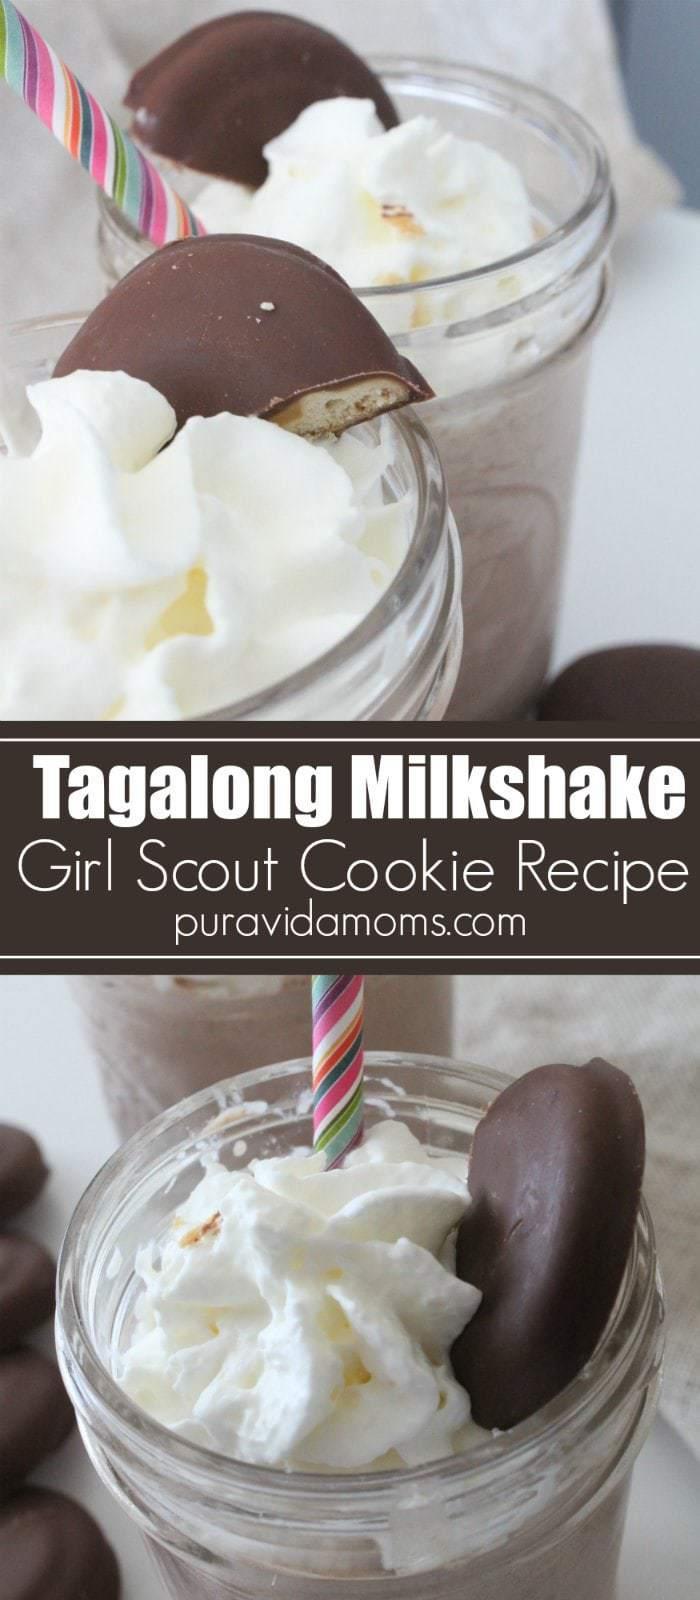 Tagalong Girl Scout Cookie Milkshake Recipe